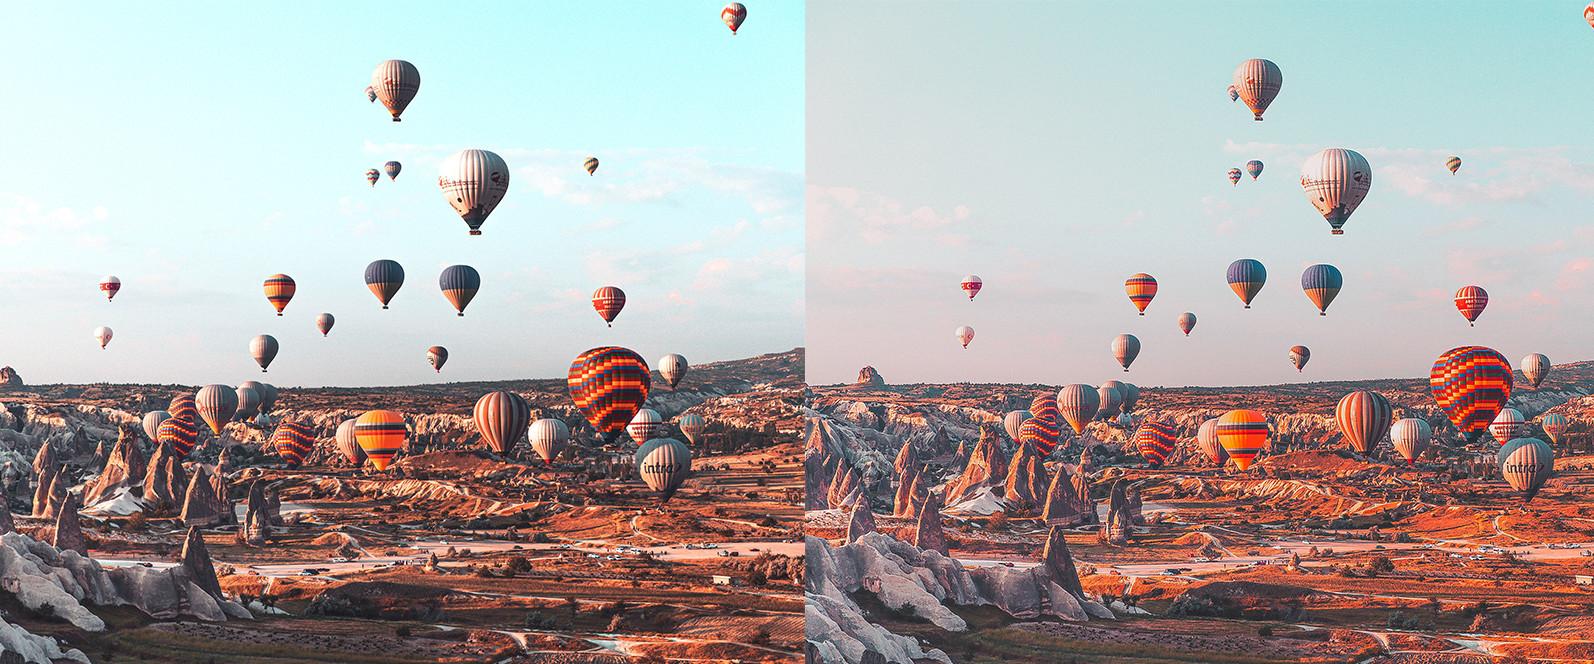 BUNDLE /// 281 x Lightroom Presets for Desktop // 24 Packs // Desktop and Mobile - 4 Hot Air Balloon1 1 -